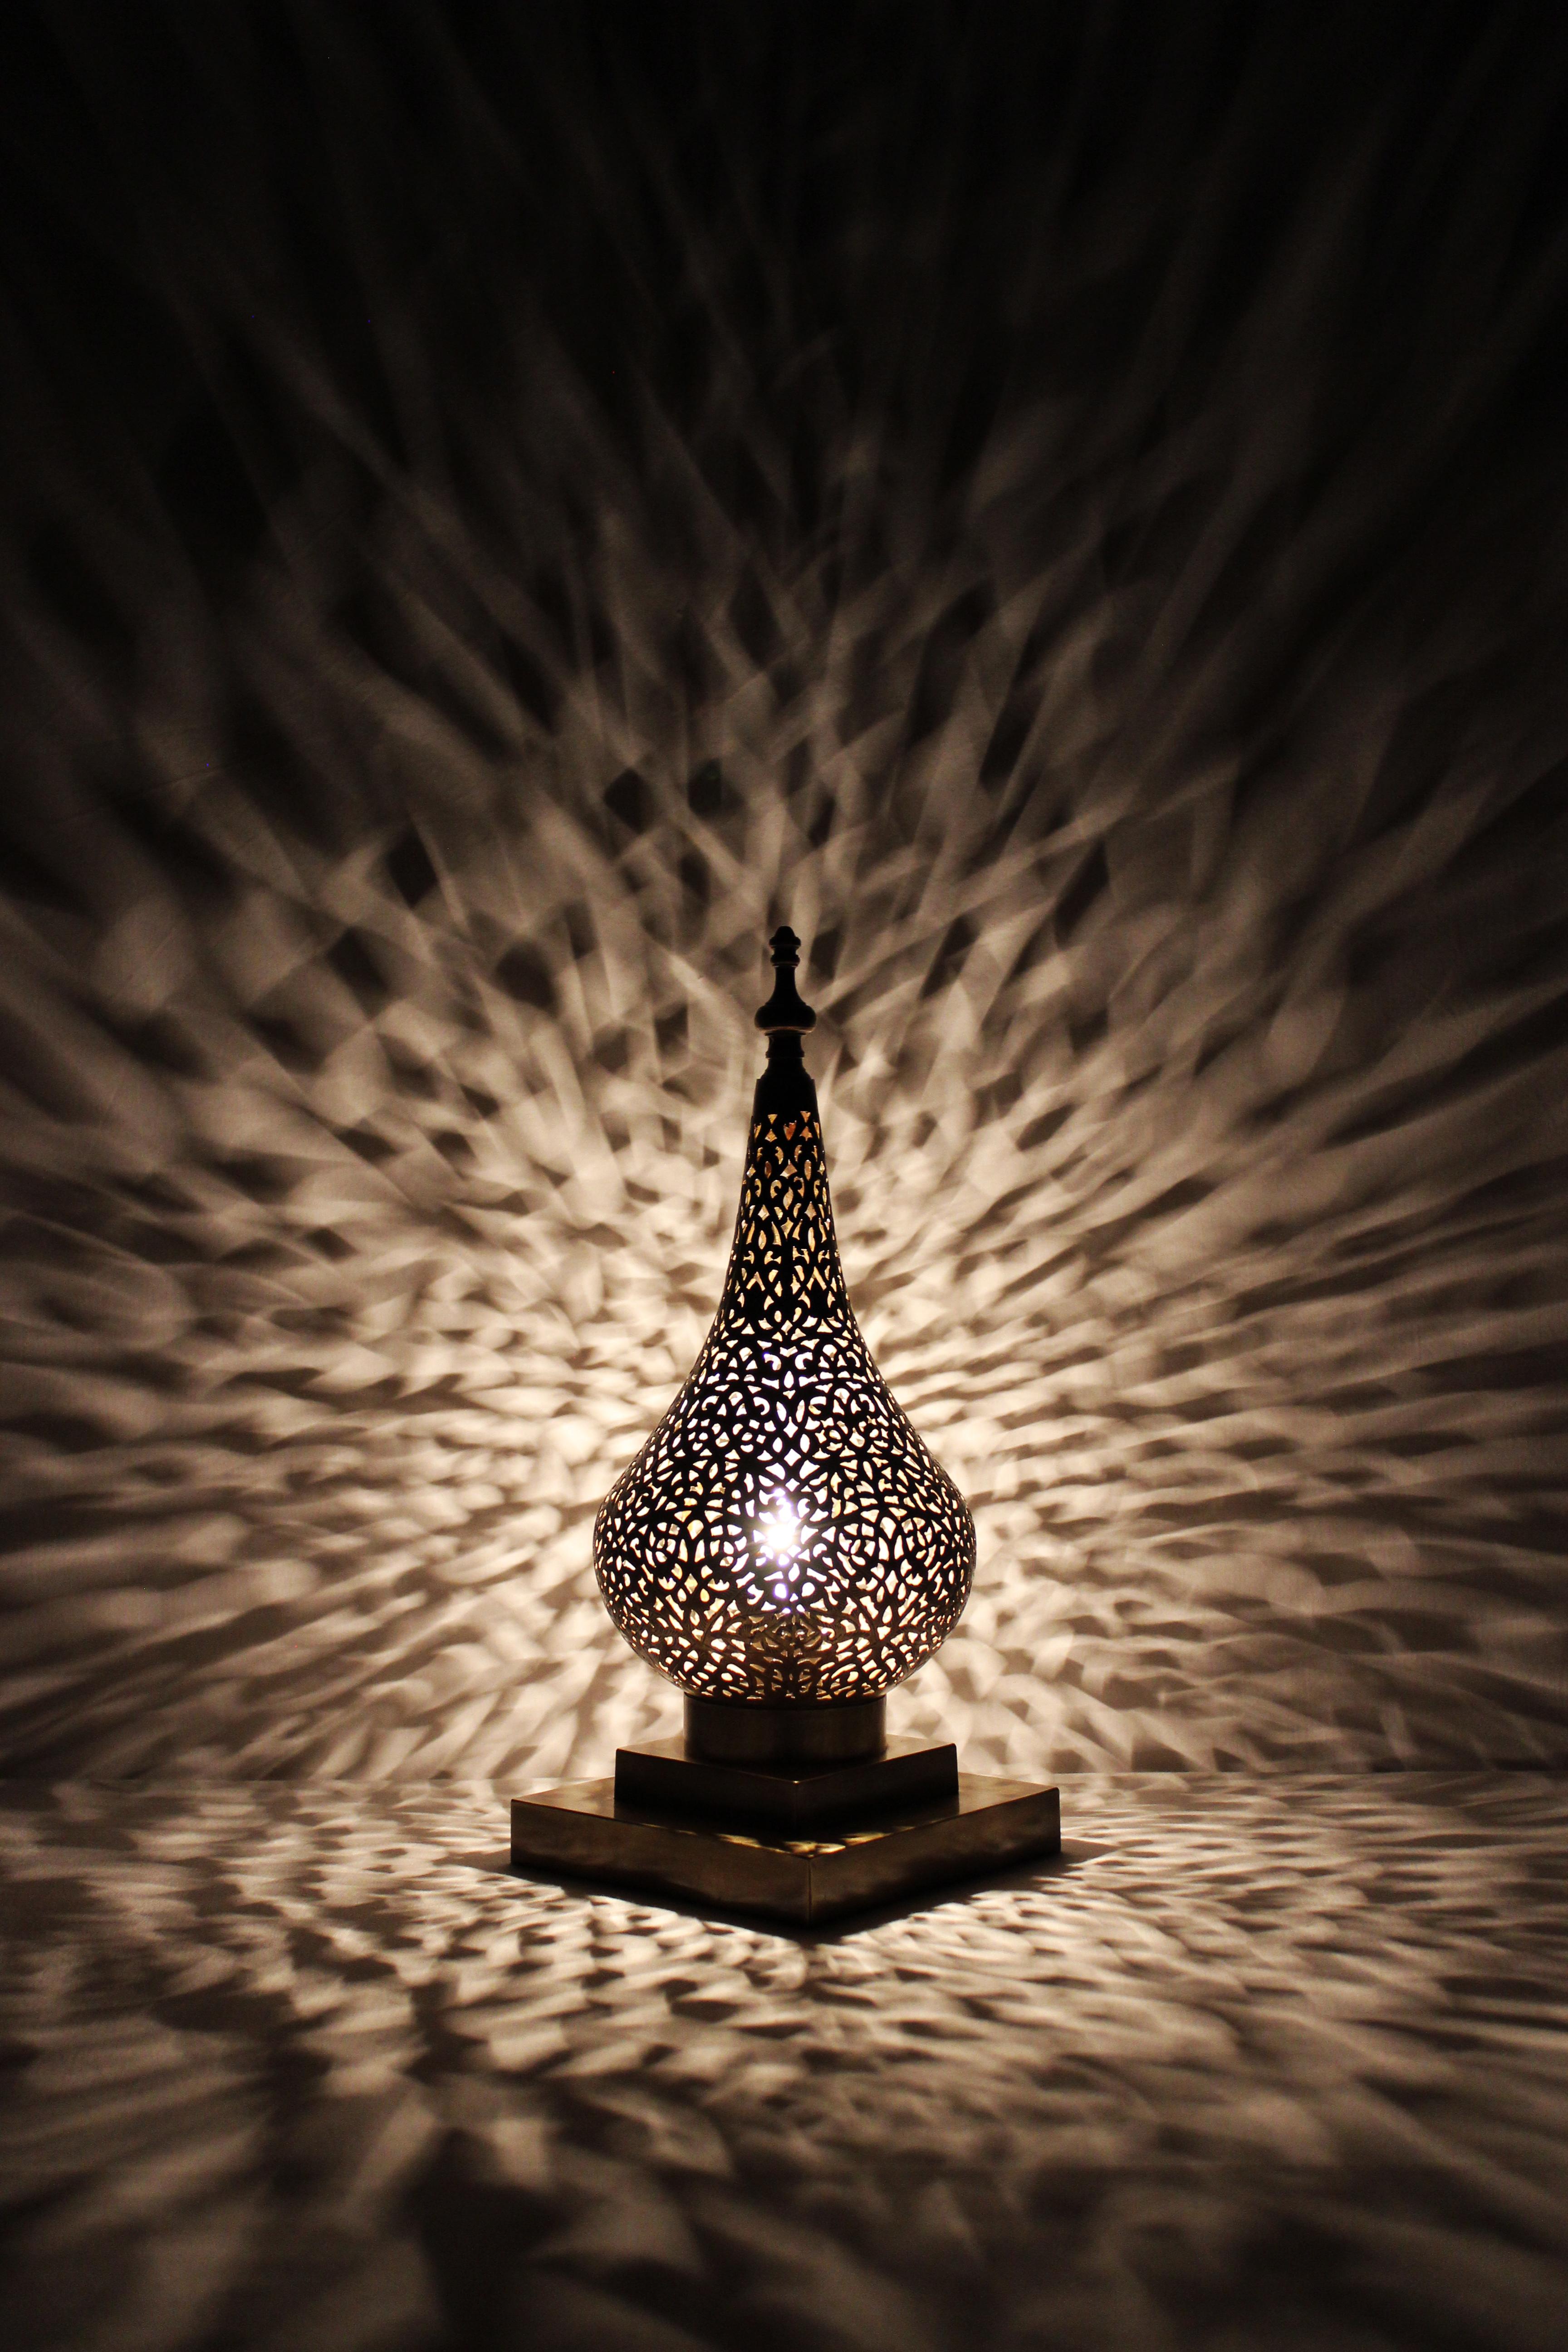 El fesi orientalisches deko arabische tischlampe yemina for Marokkanische tischlampe